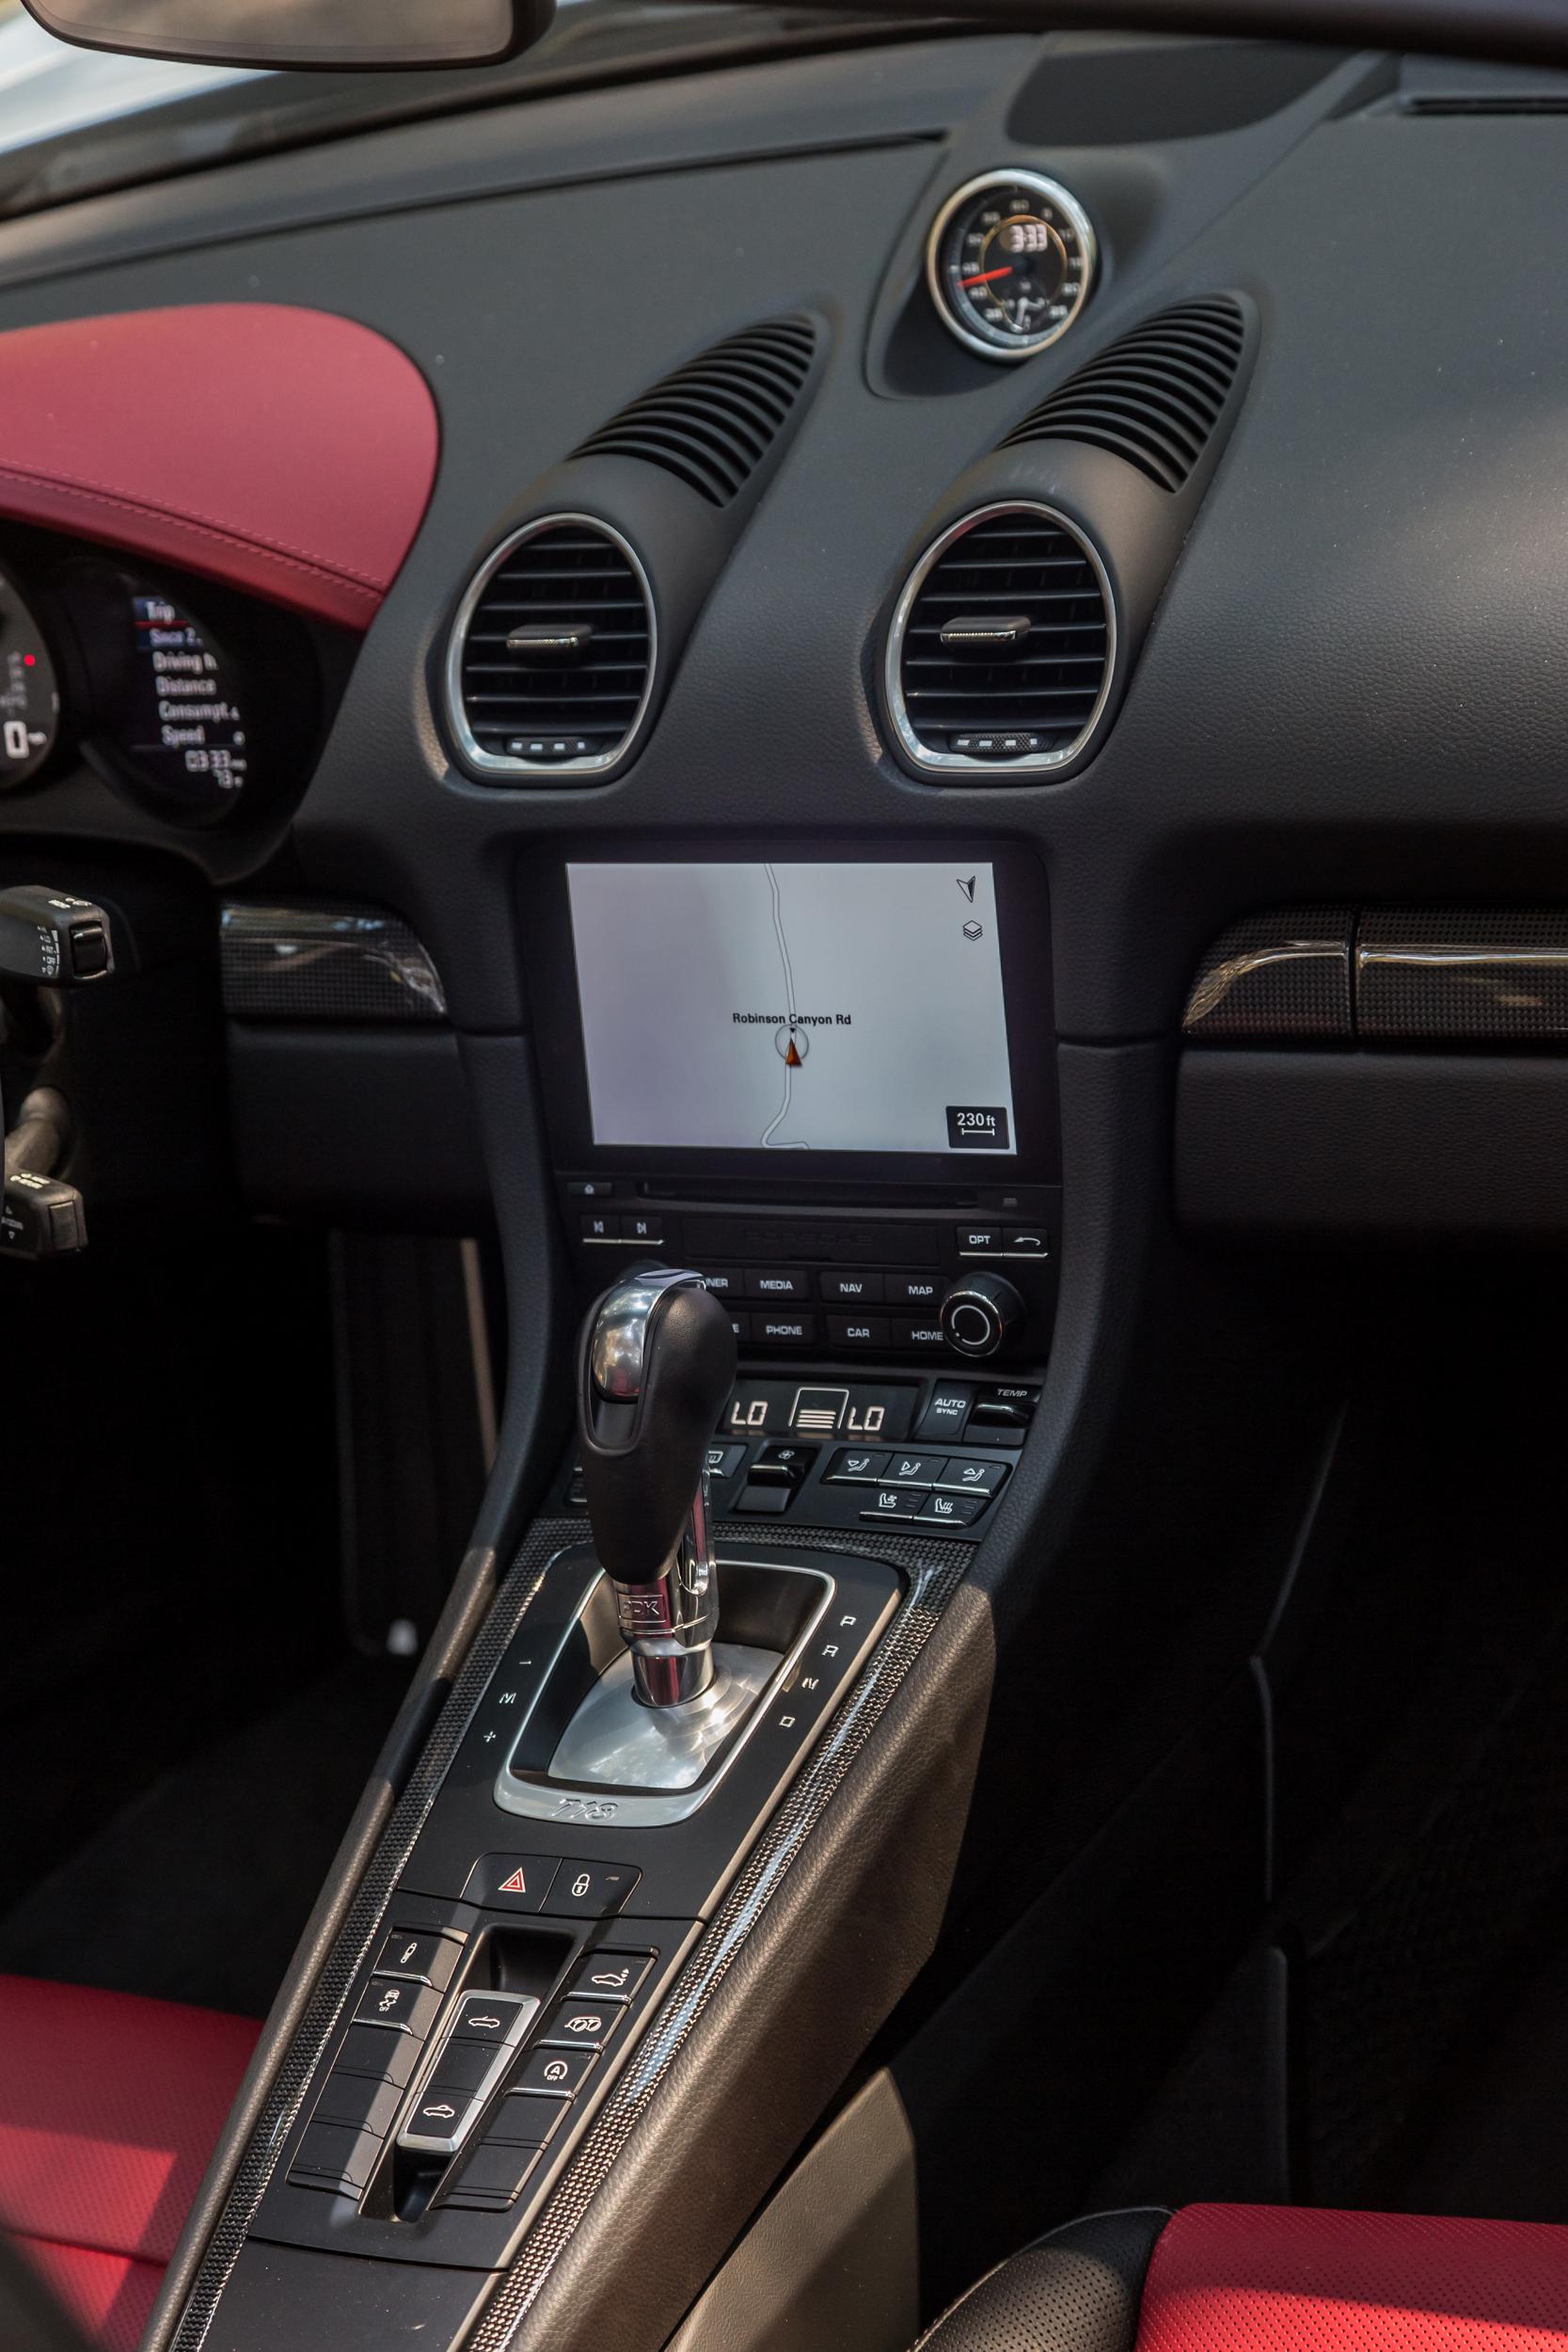 2021 Porsche 718 Boxster and Cayman interior (3)